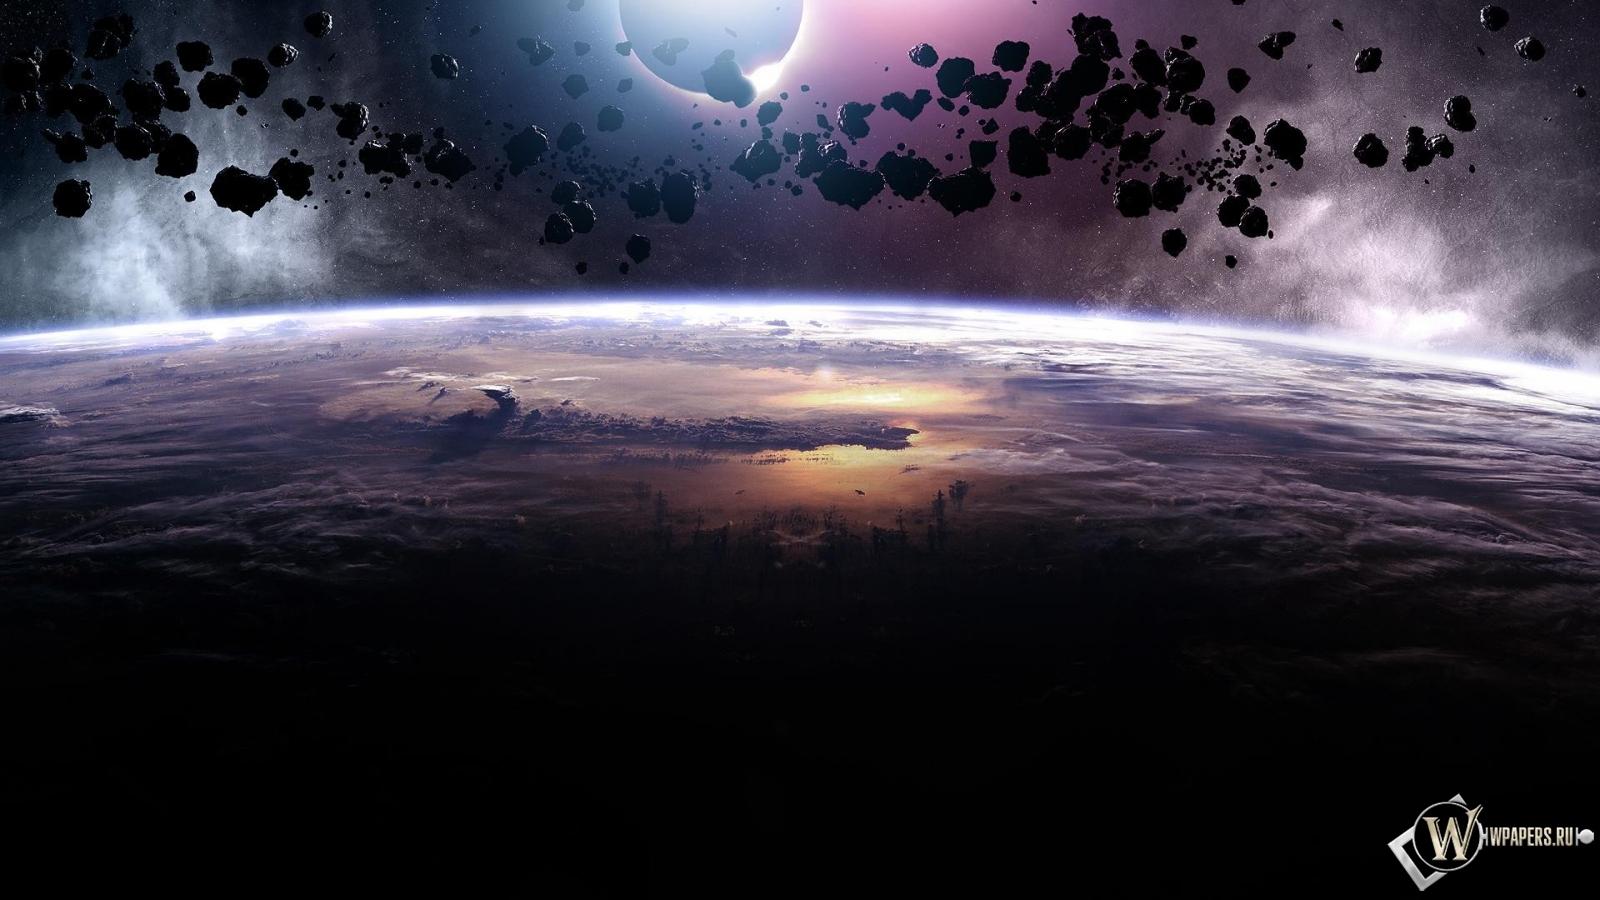 Астероиды 1600x900